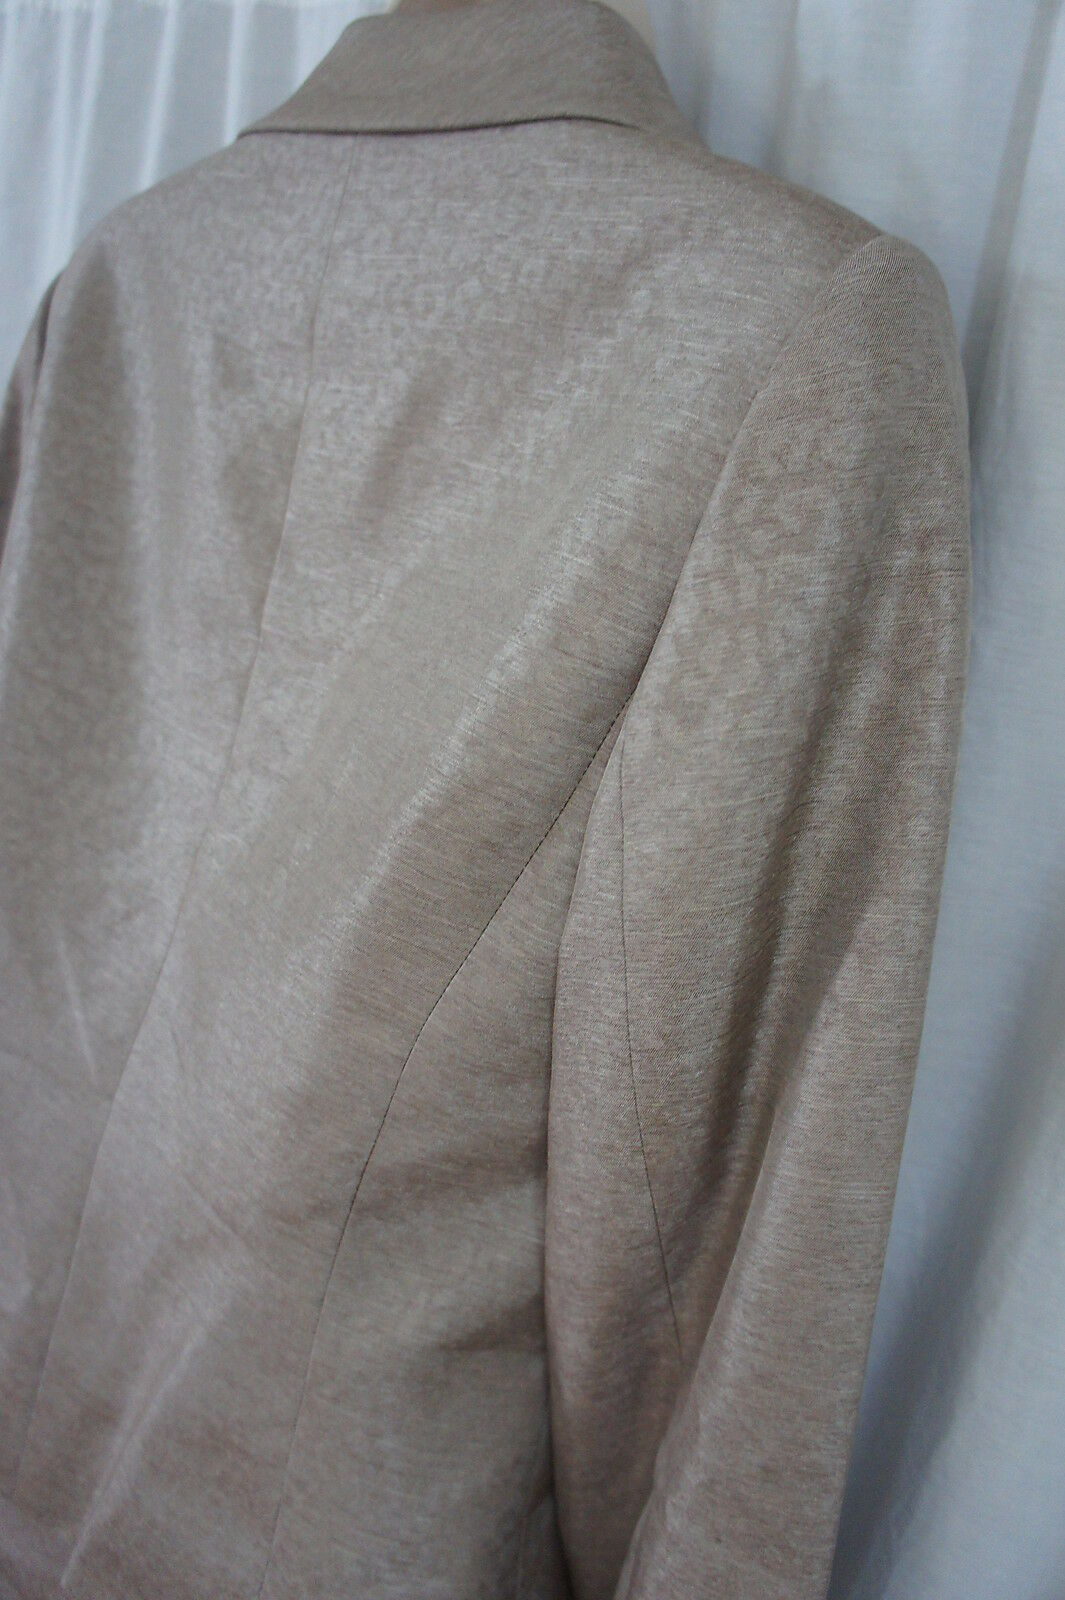 Le Suit Suit Suit Skirt Suit Sz 10 Champagne Wild Spirt Leopard Print Sheen Career Skirt 6f0b89